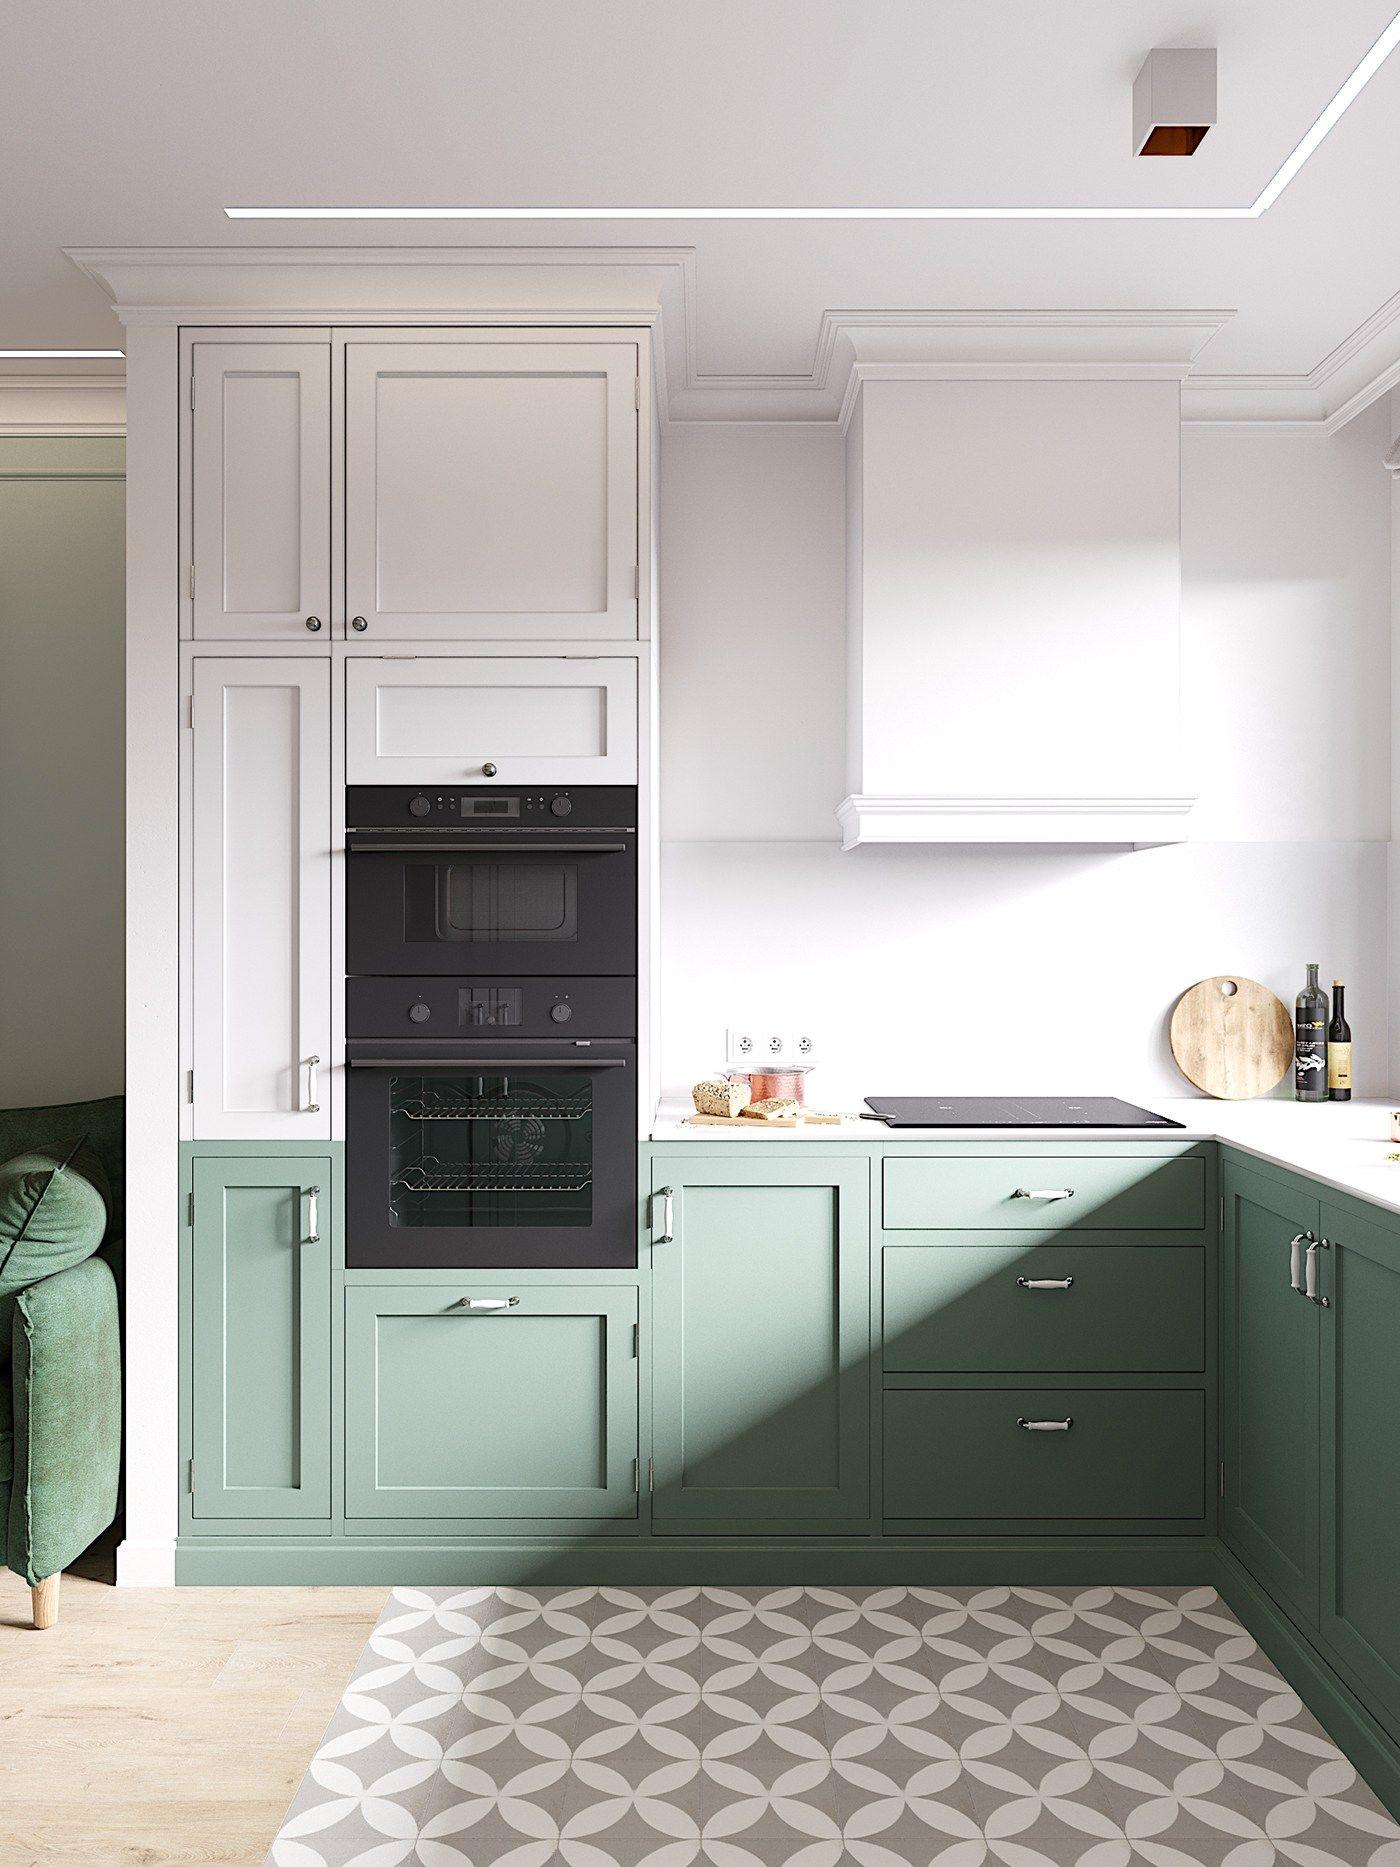 Küche, klassich, moderner Twist, Bodenfliesen, Zementfliesen ...